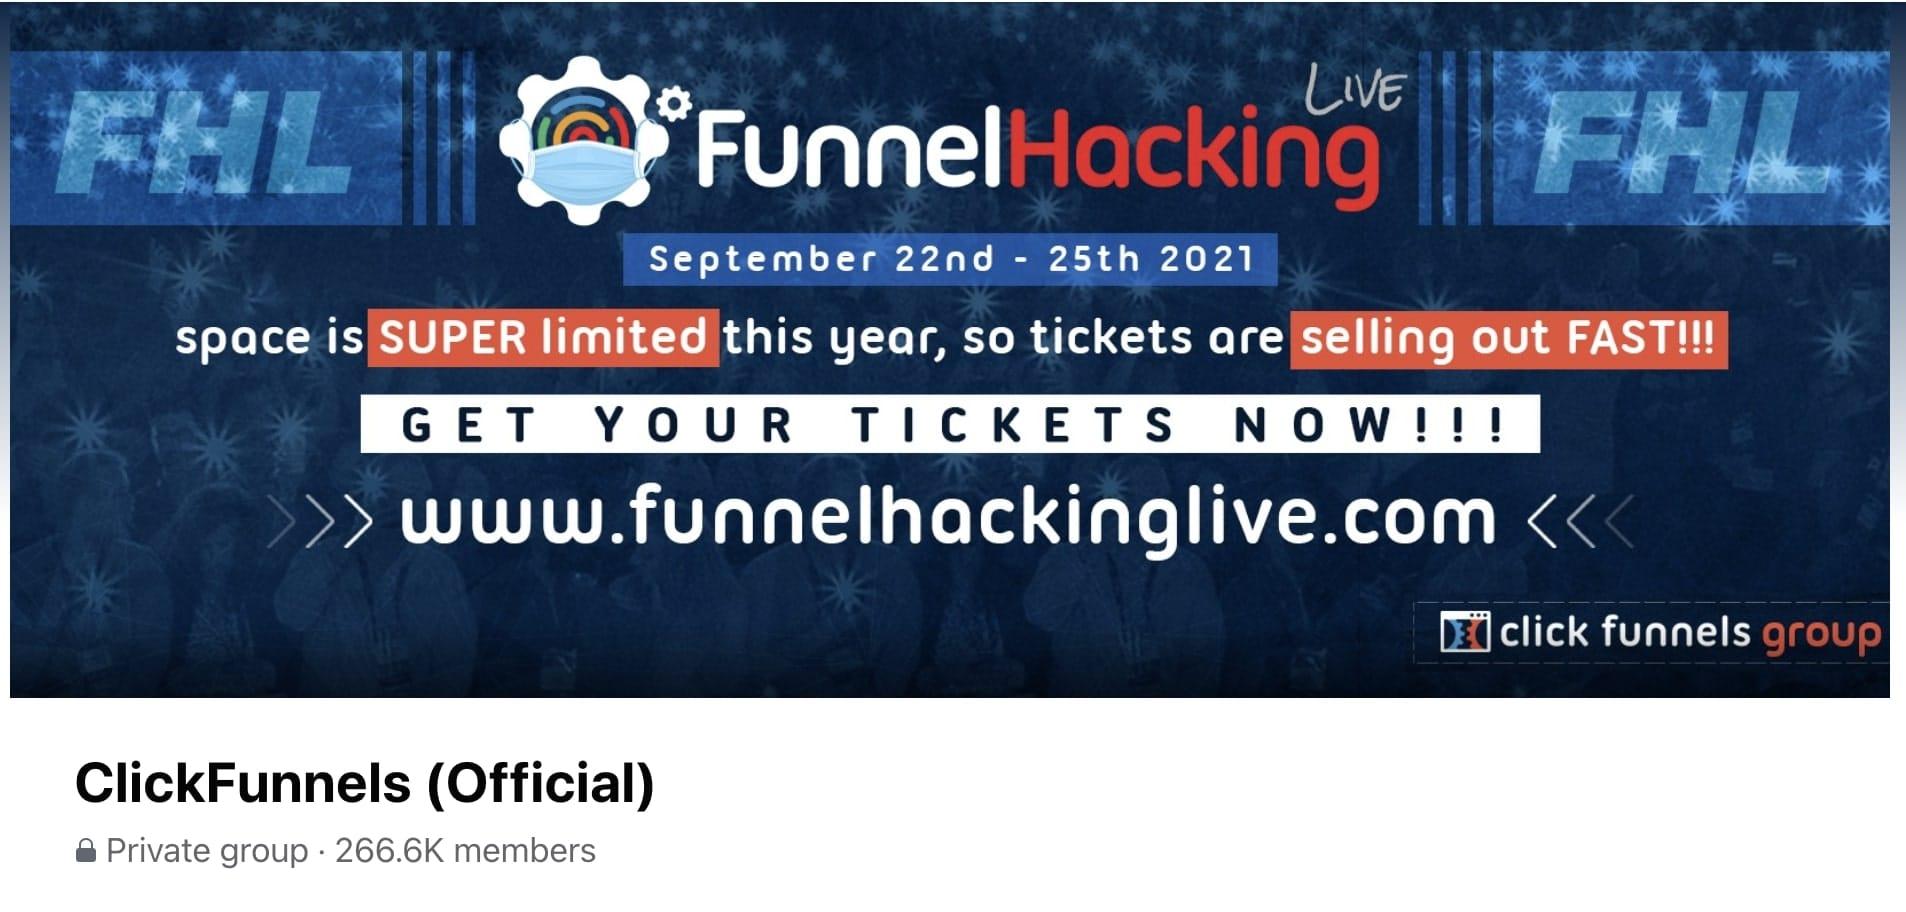 ClickFunnnels Support Facebook Group